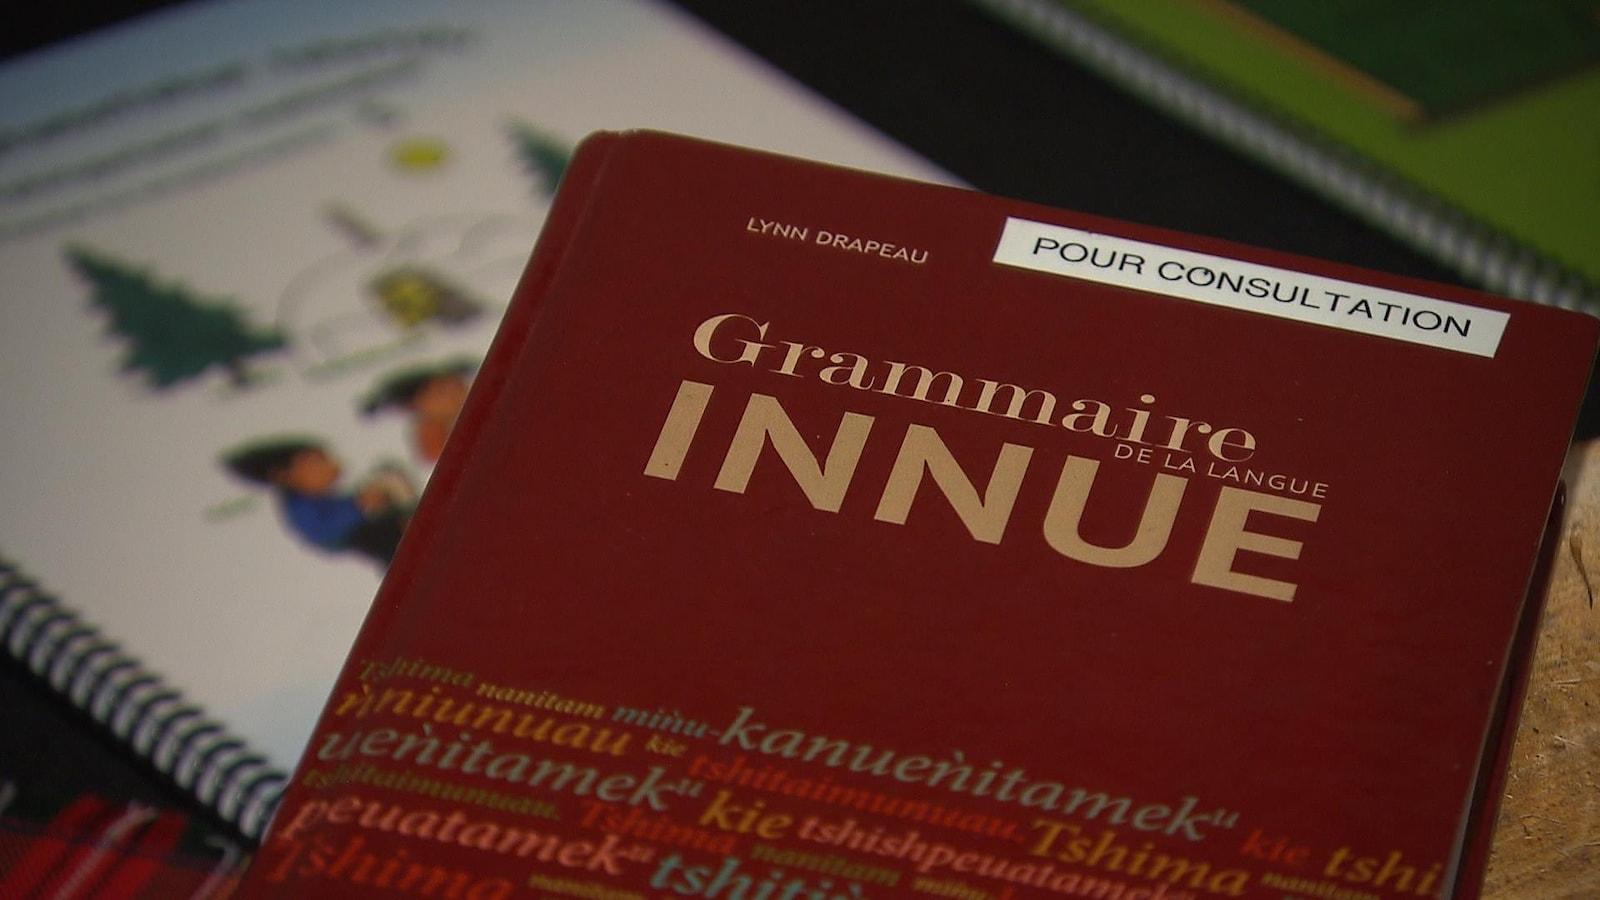 La couverture du livre est rouge.